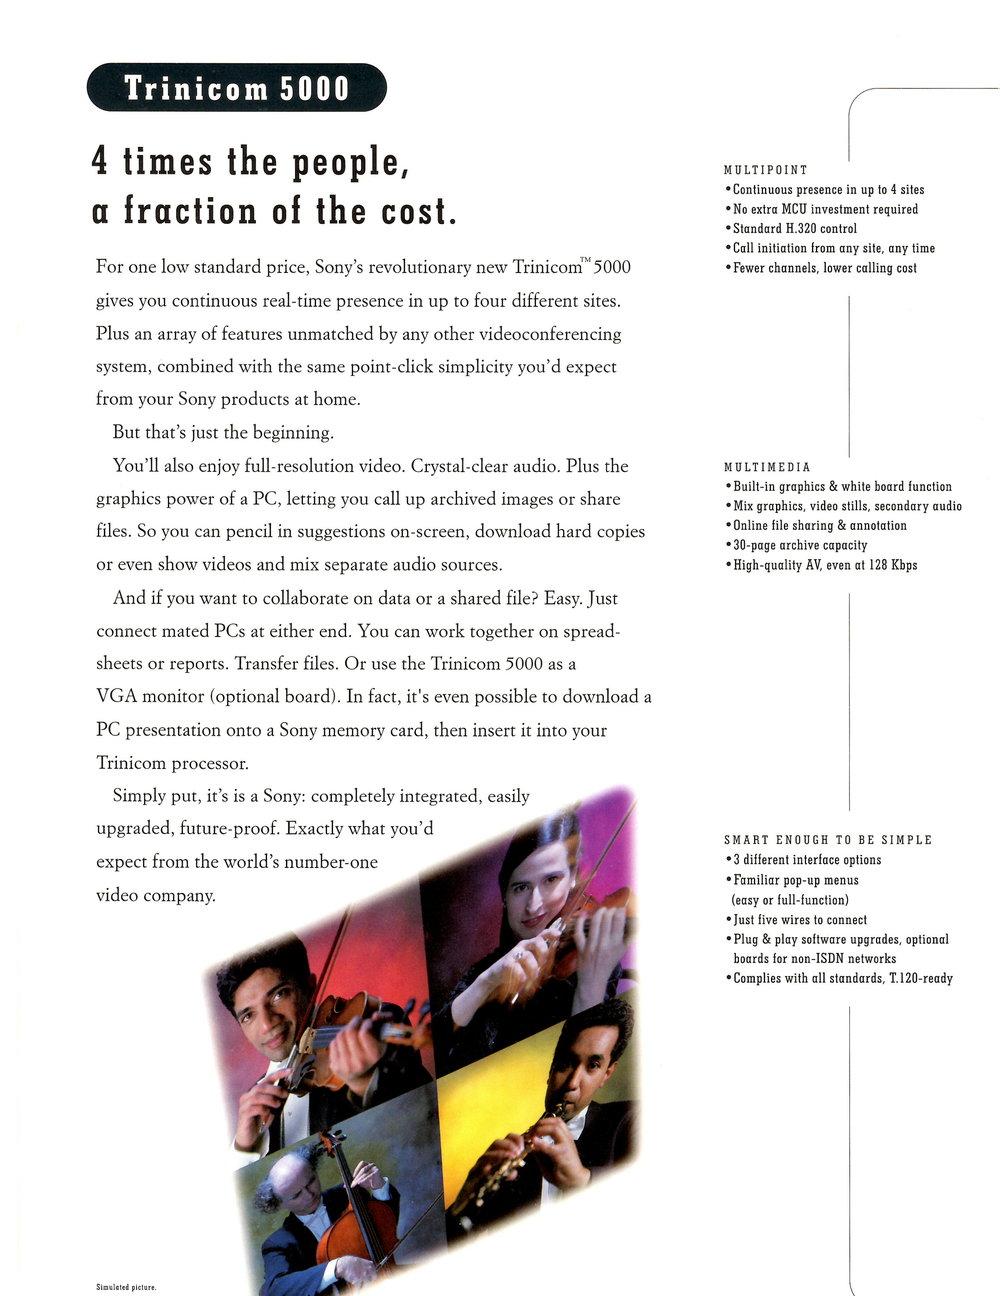 Sony Videoconferencing Brochure